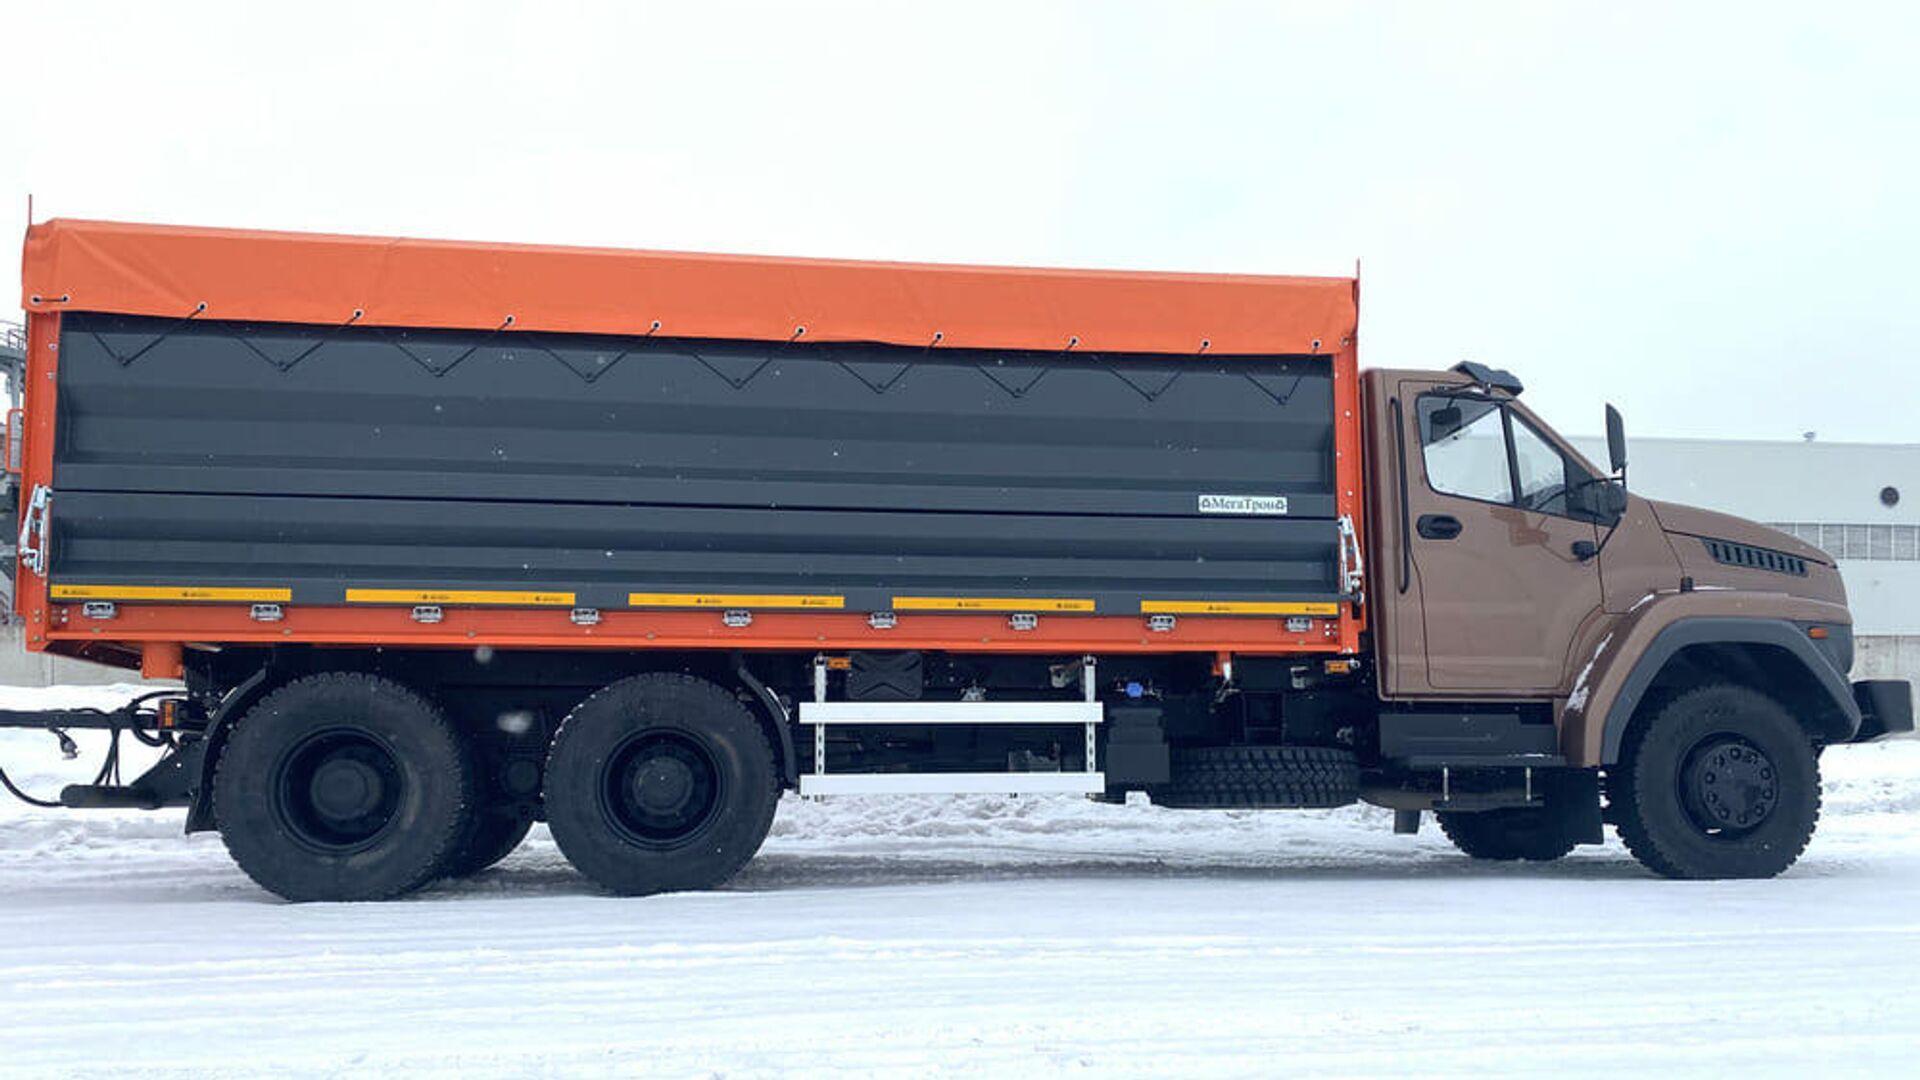 Un volquete sobre la base del camión de carretera Ural Next 6x4 - Sputnik Mundo, 1920, 26.04.2021